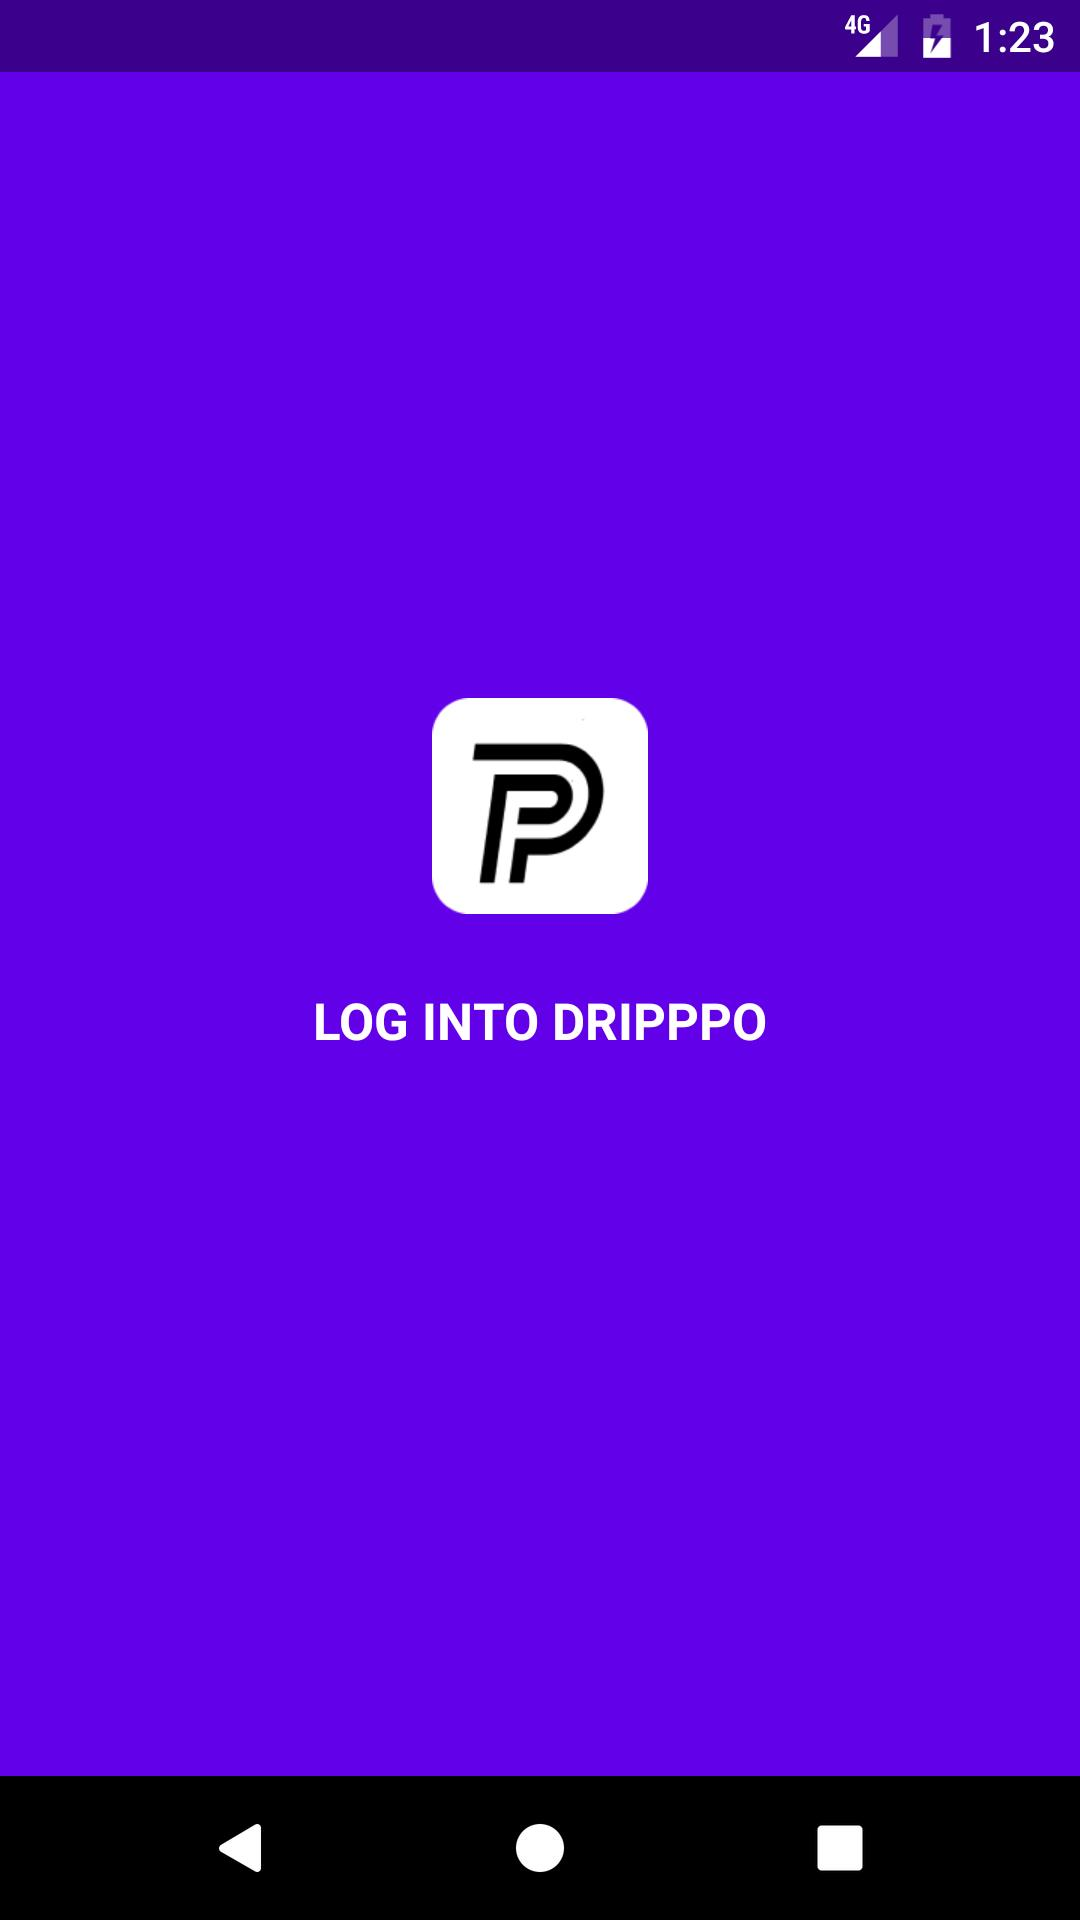 Dripppo poster